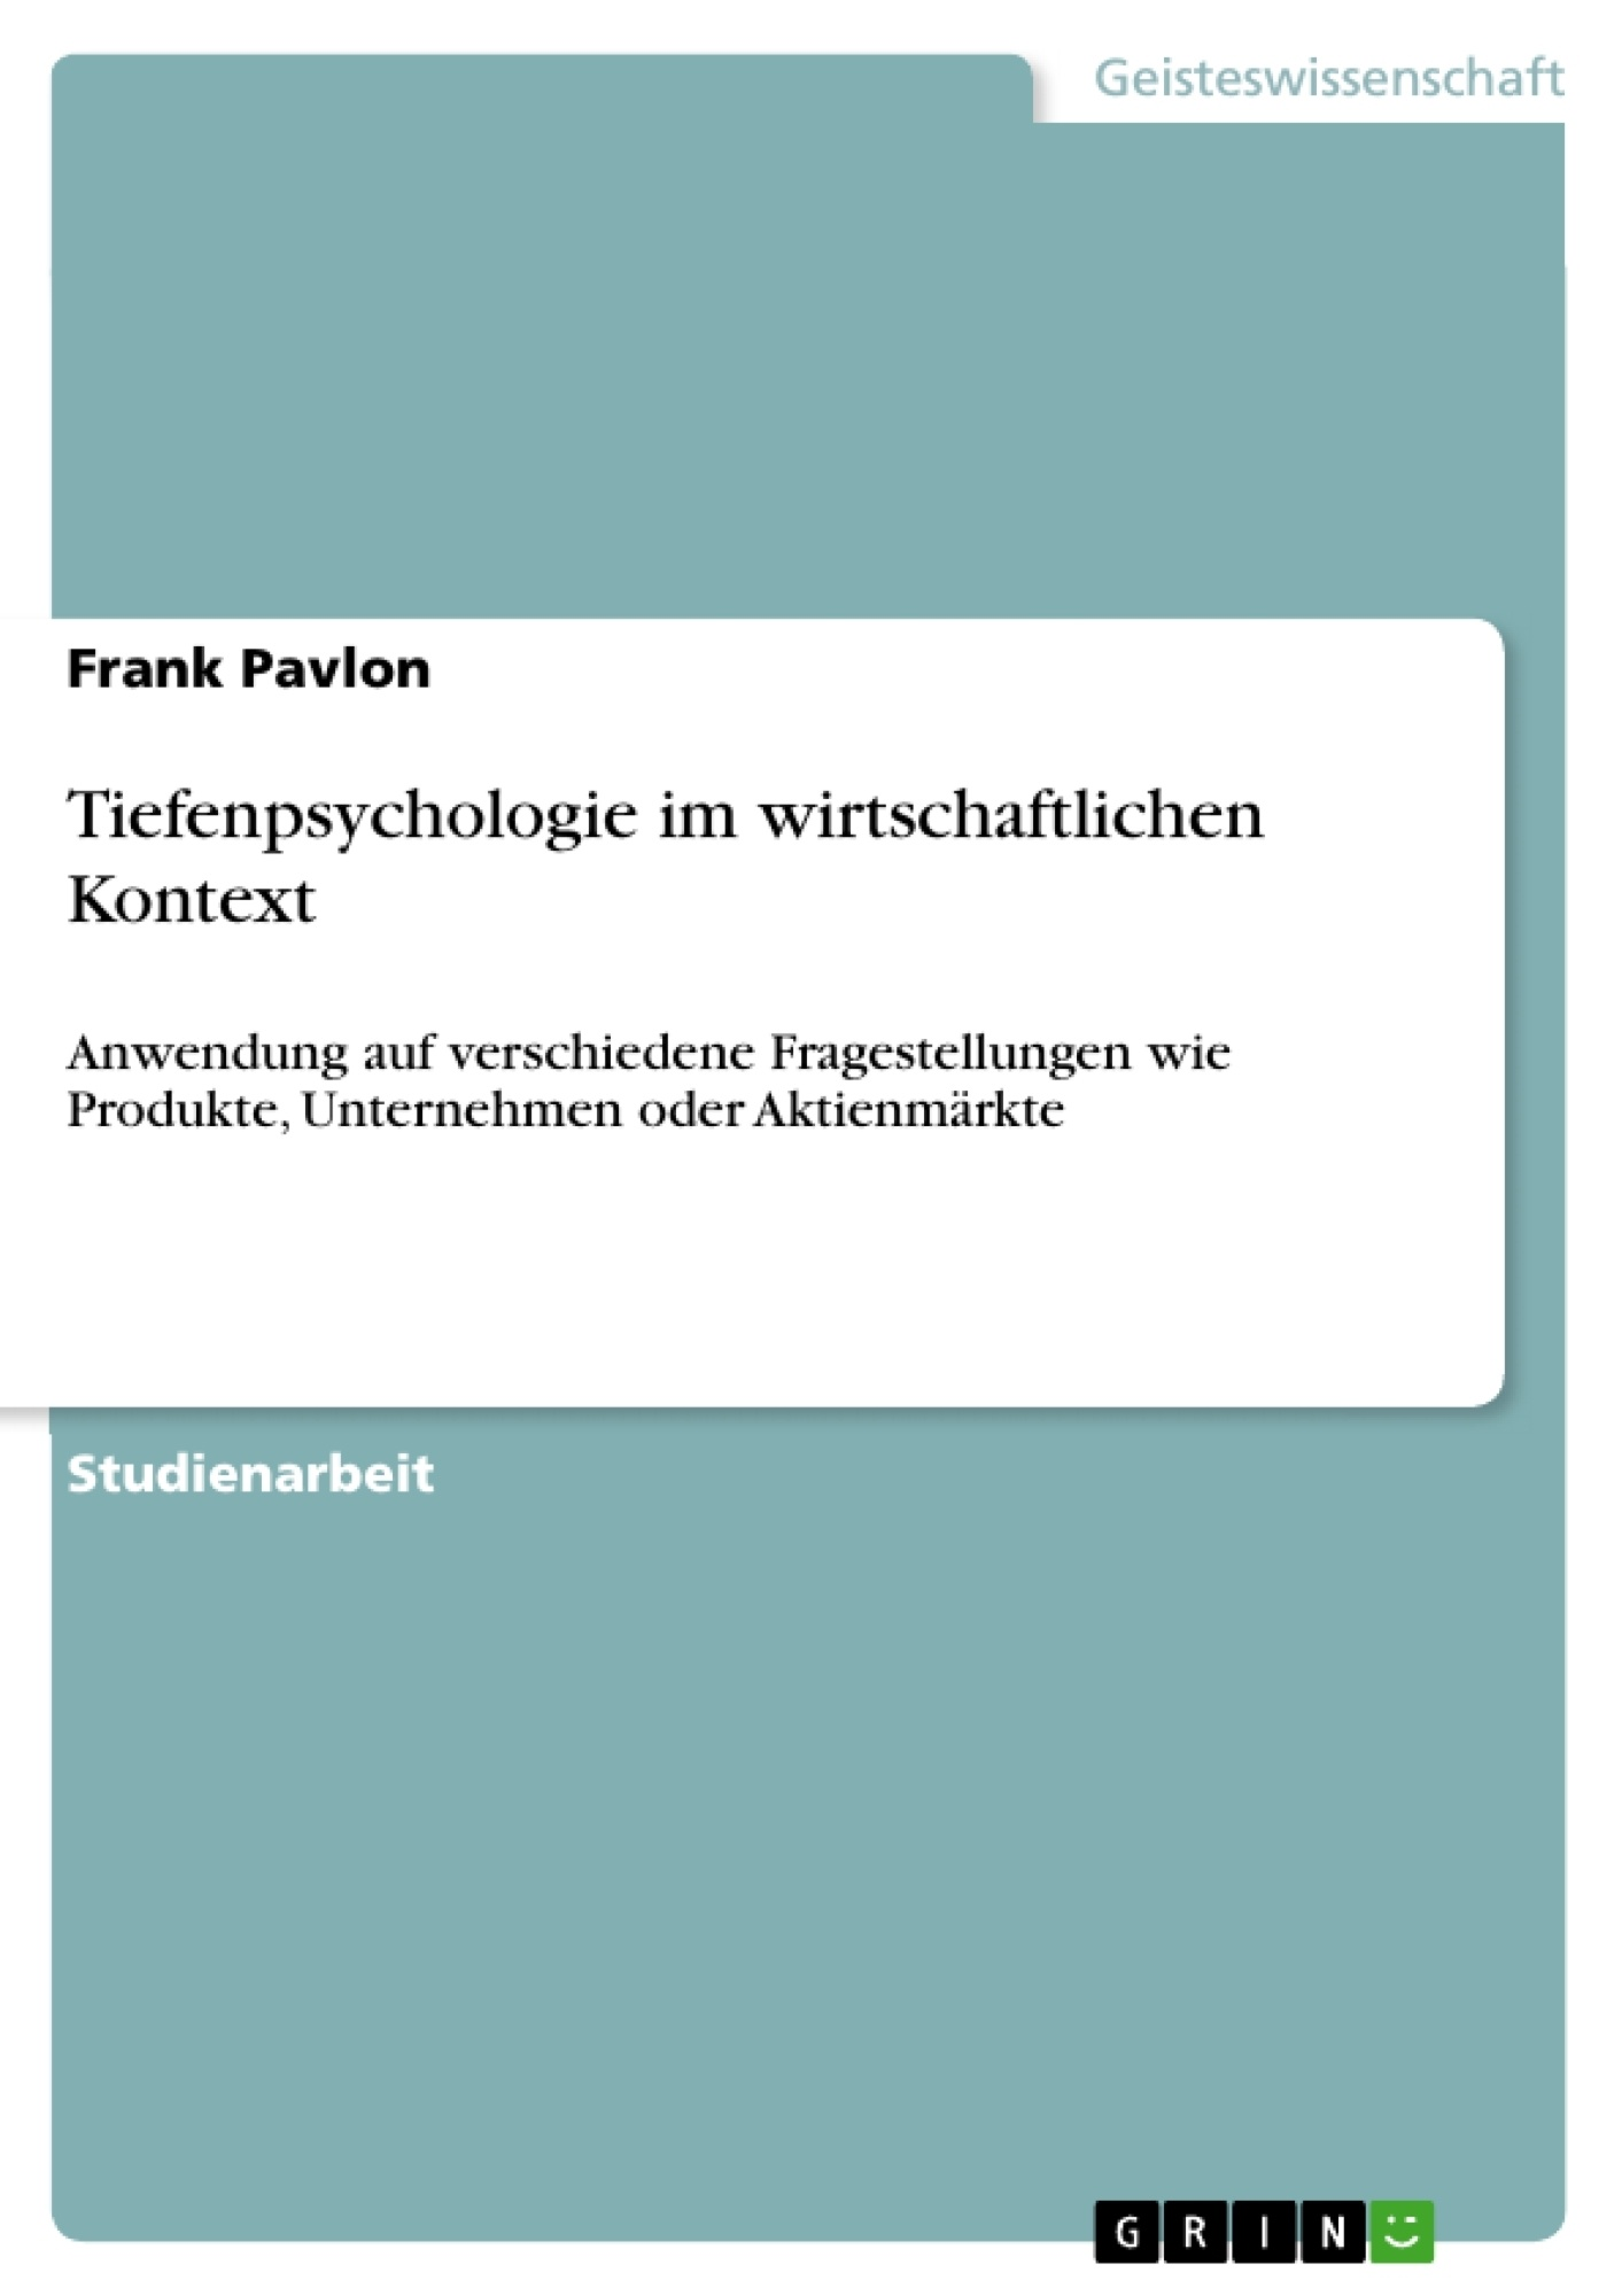 Titel: Tiefenpsychologie im wirtschaftlichen Kontext